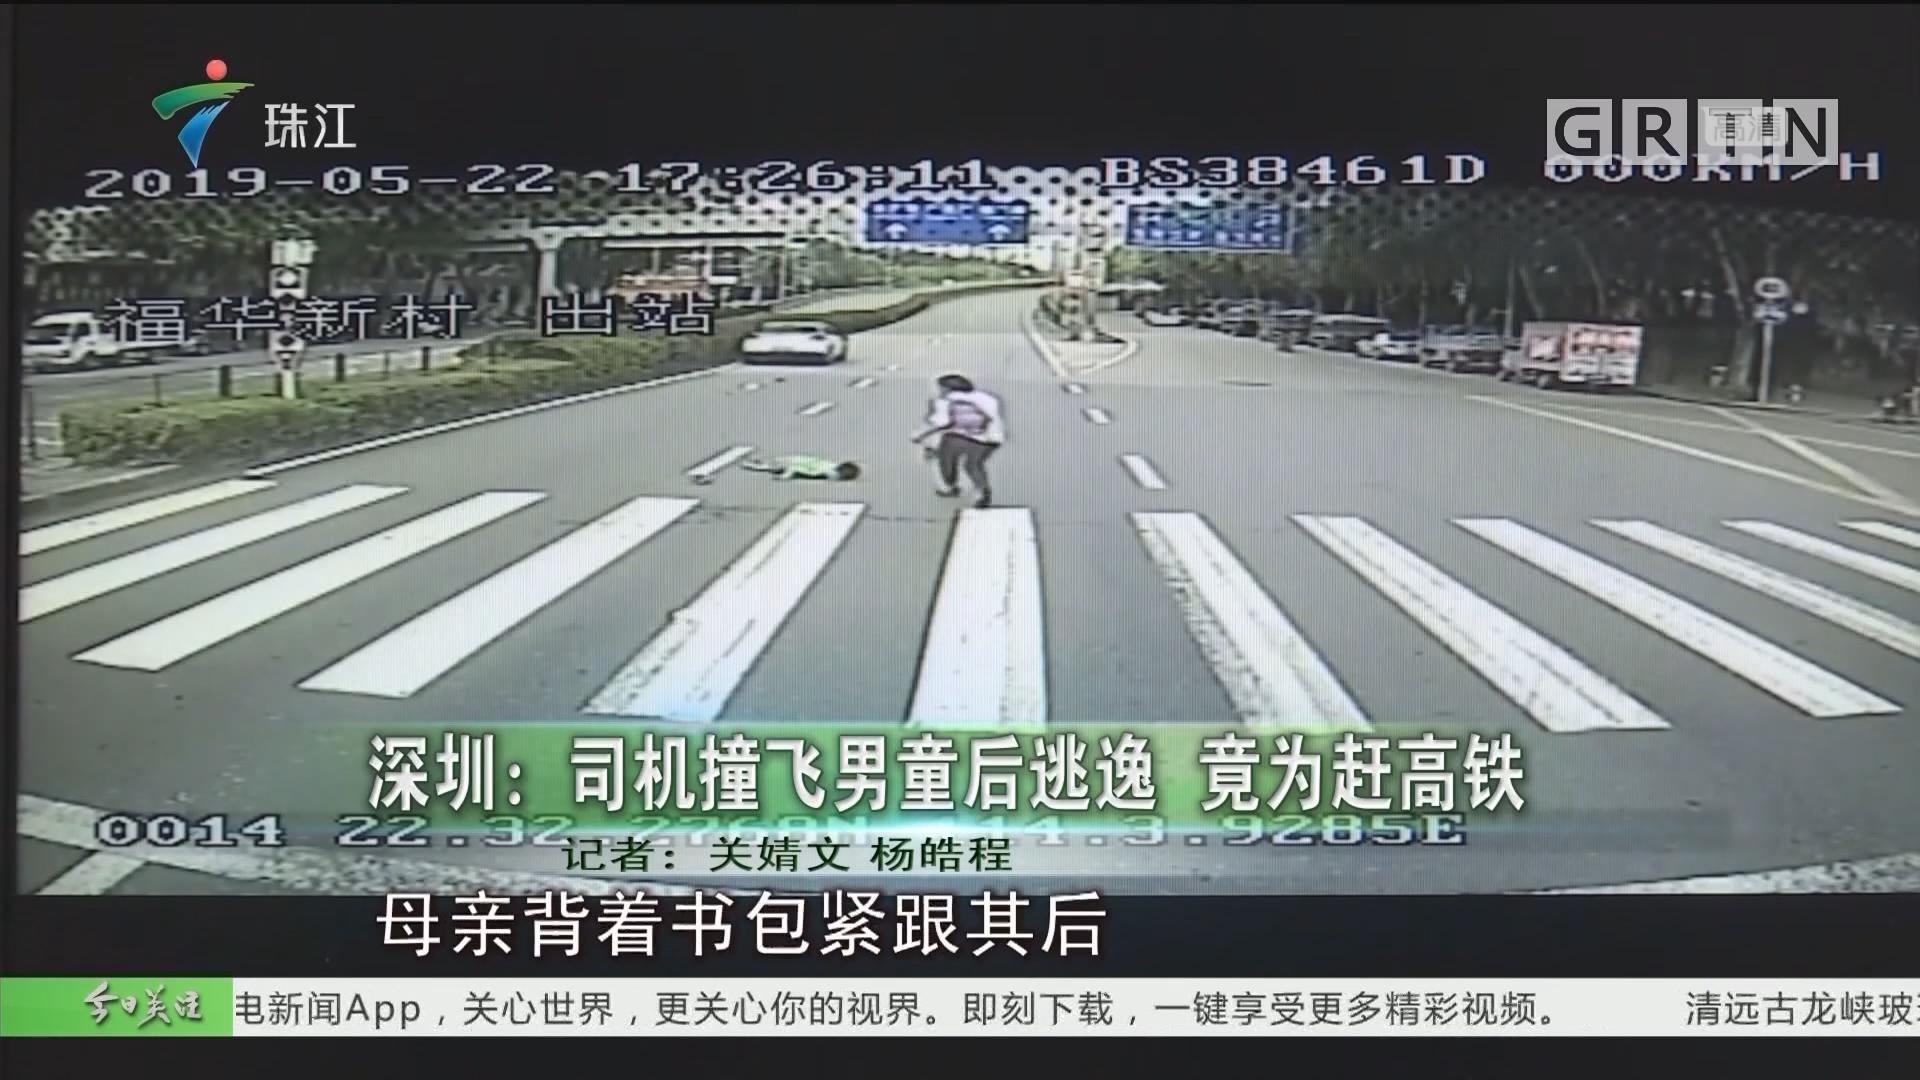 深圳:司机撞飞男童后逃逸 竟为赶高铁